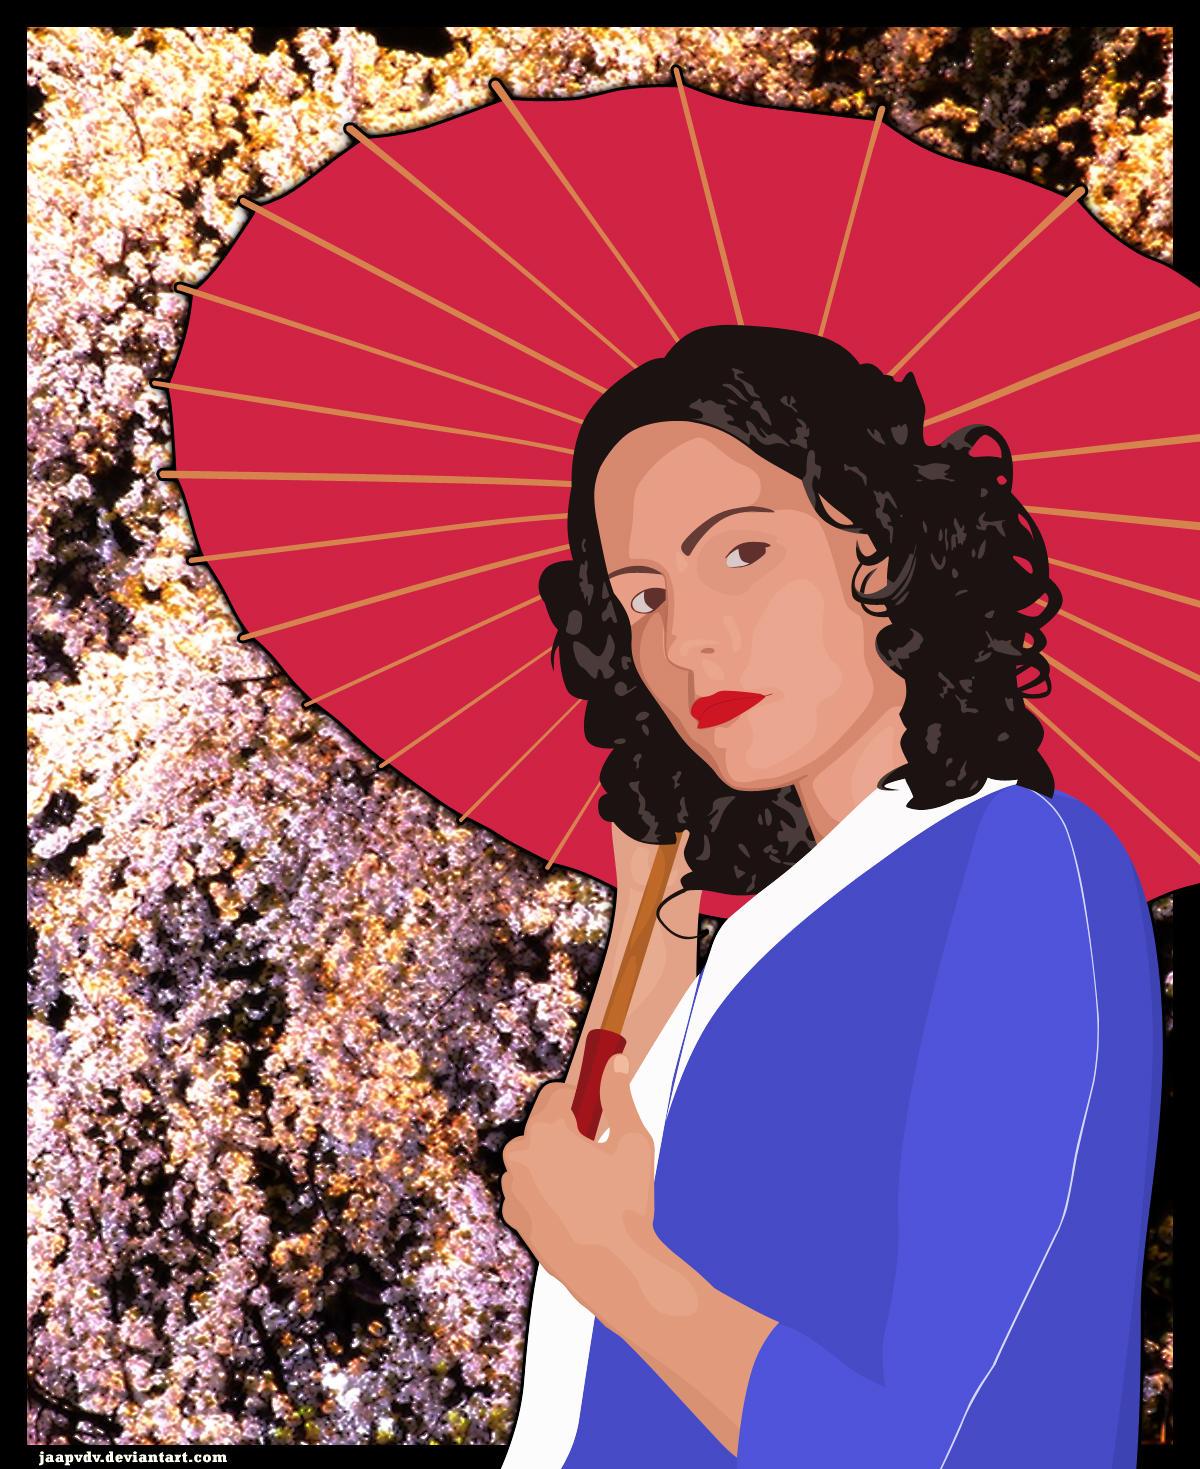 Kimono by JaapvdV